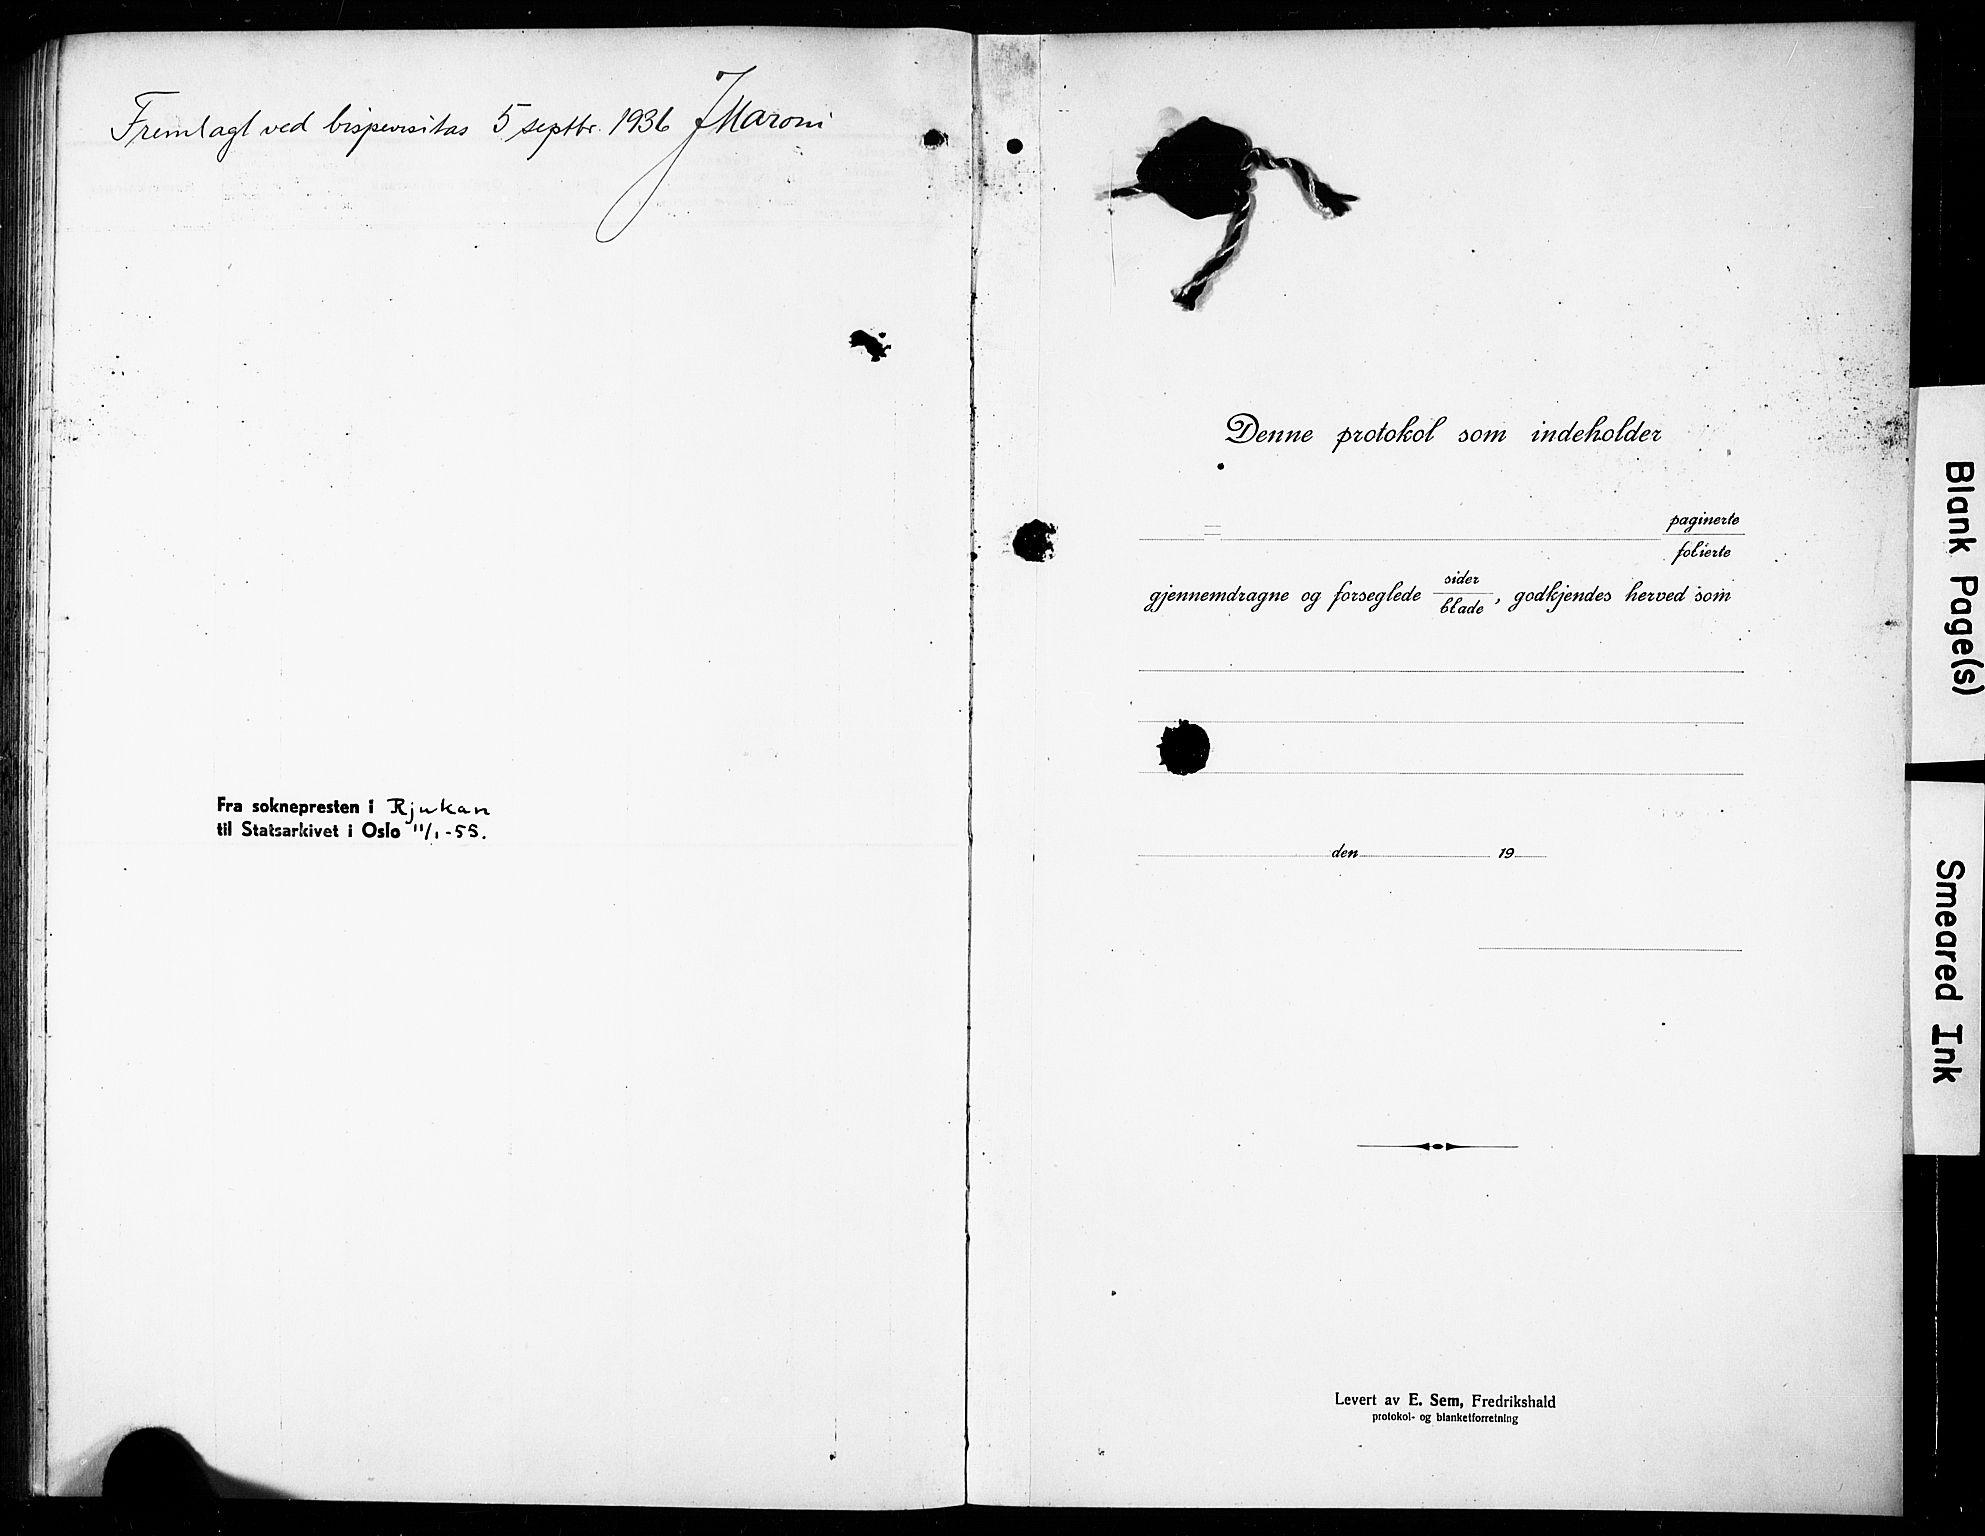 SAKO, Rjukan kirkebøker, G/Ga/L0003: Klokkerbok nr. 3, 1920-1928